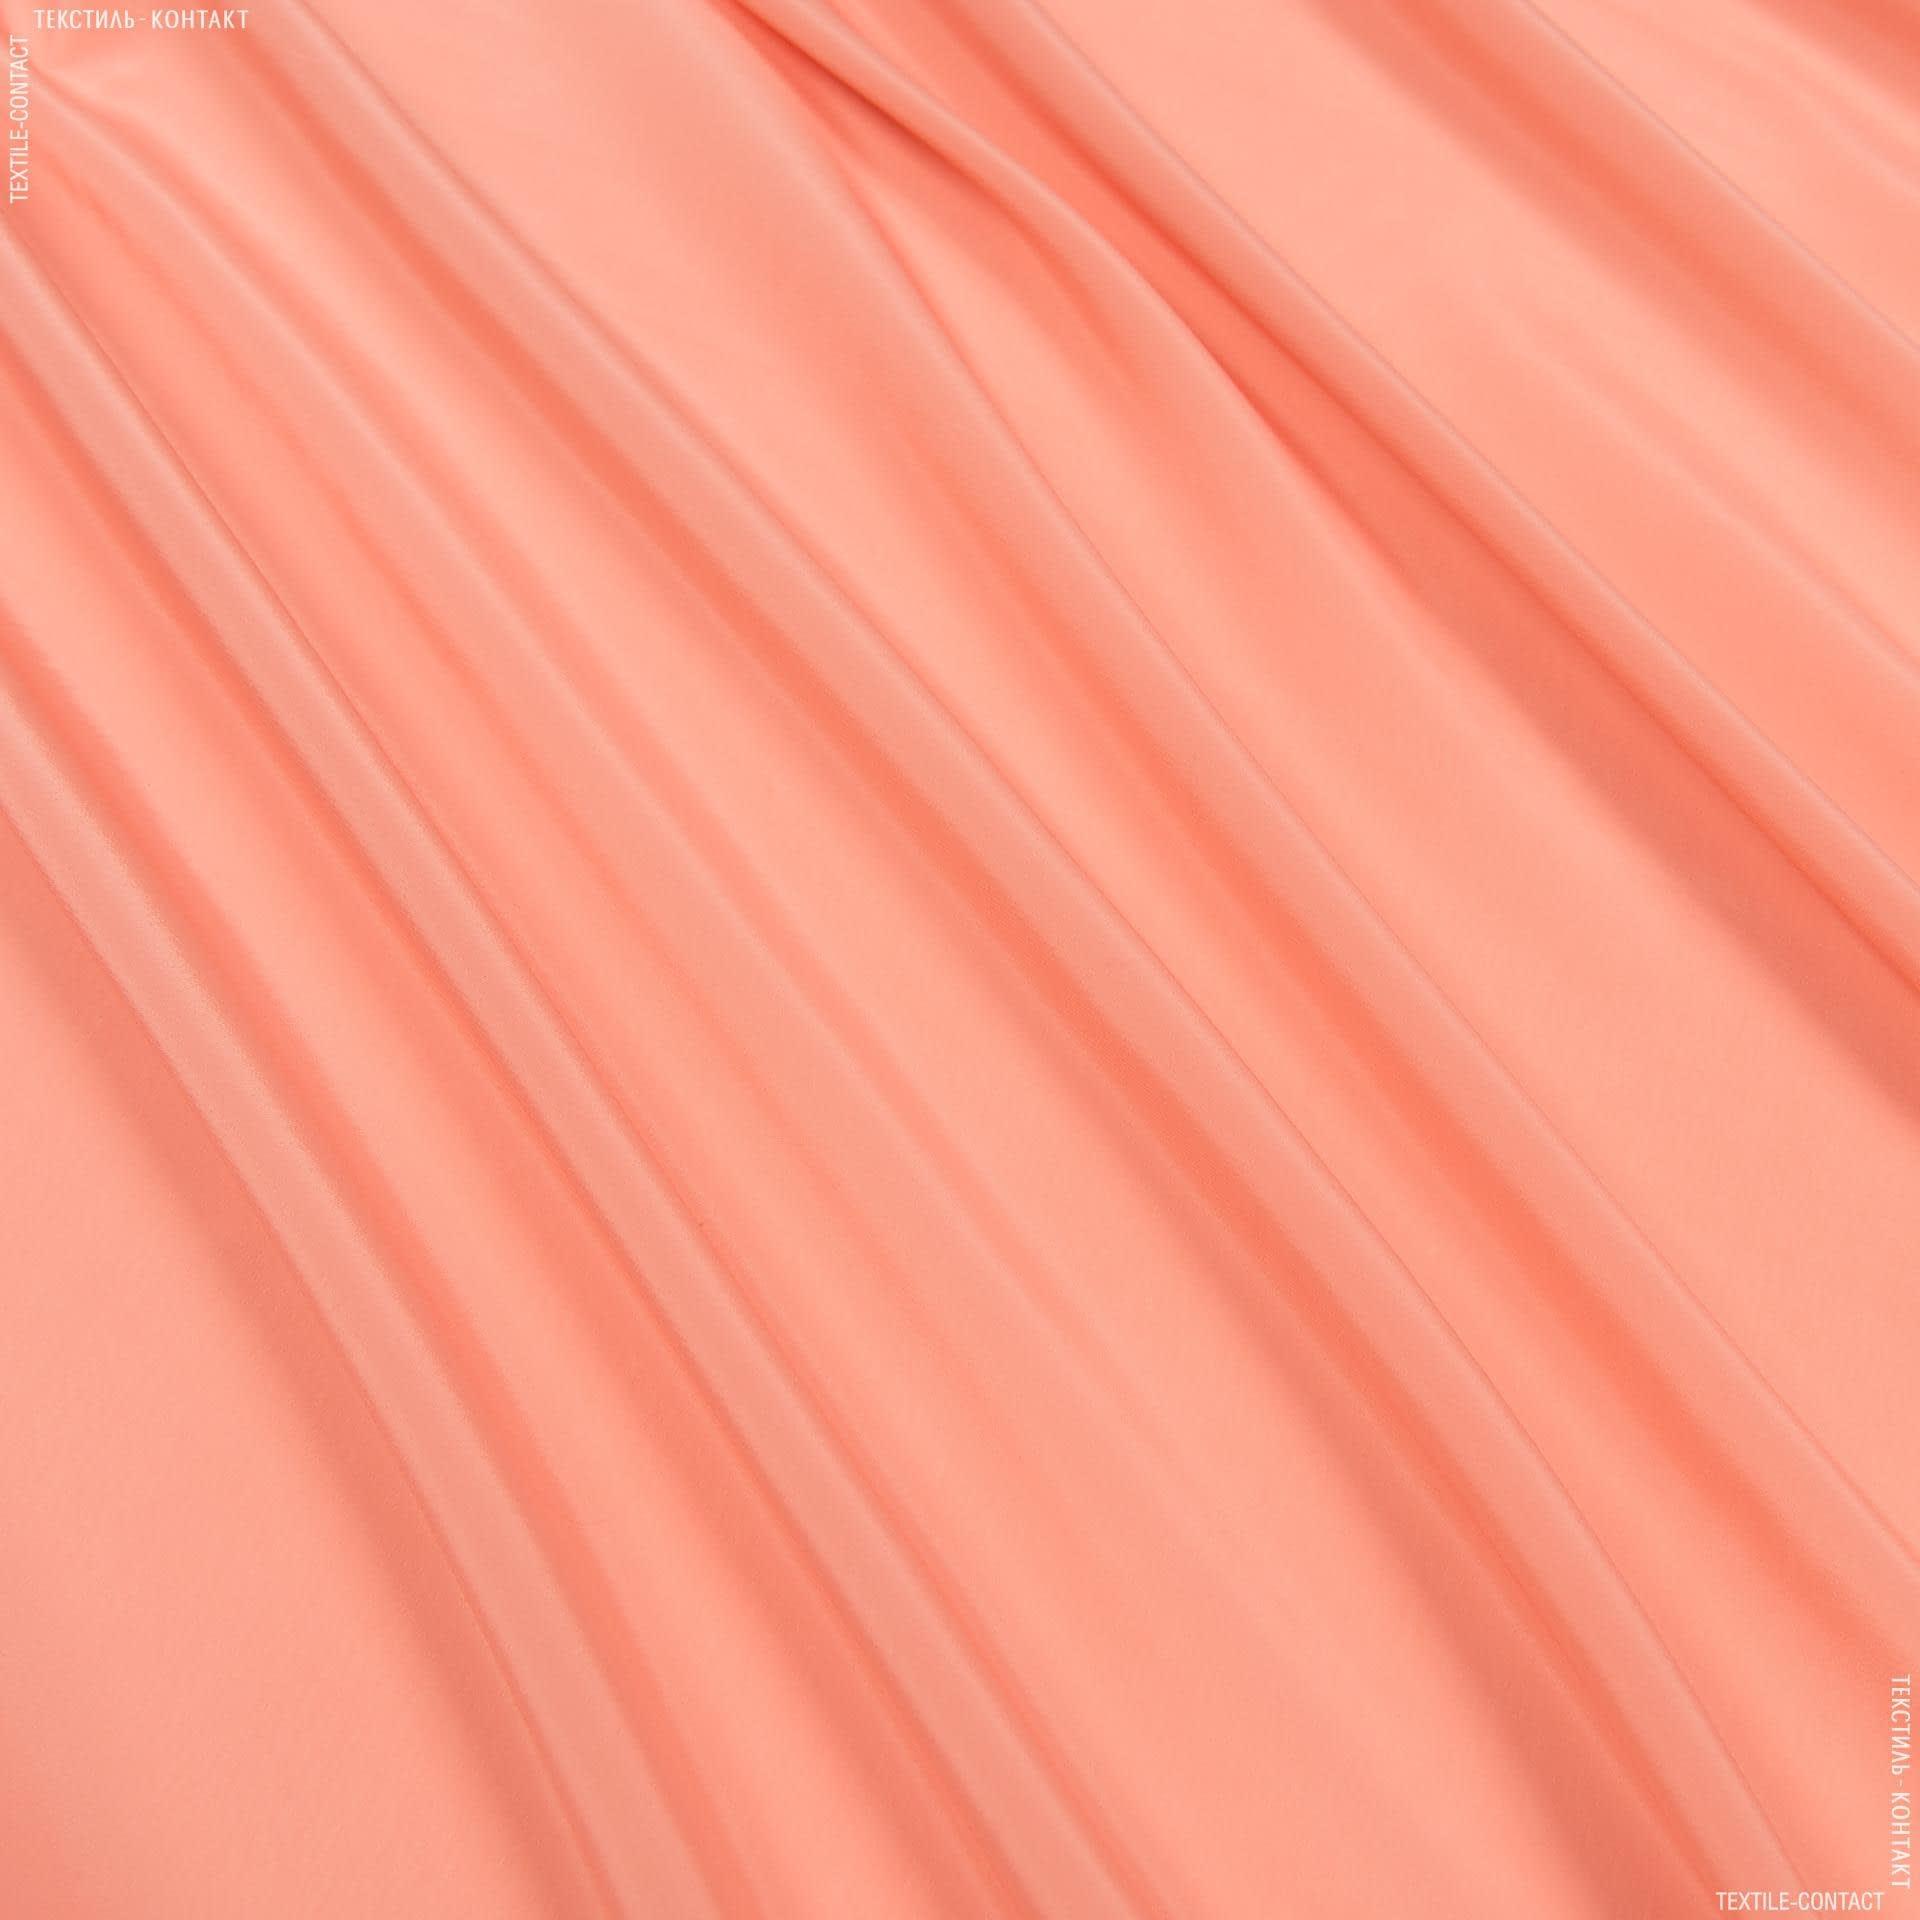 Ткани для платков и бандан - Креп кошибо абрикосовый